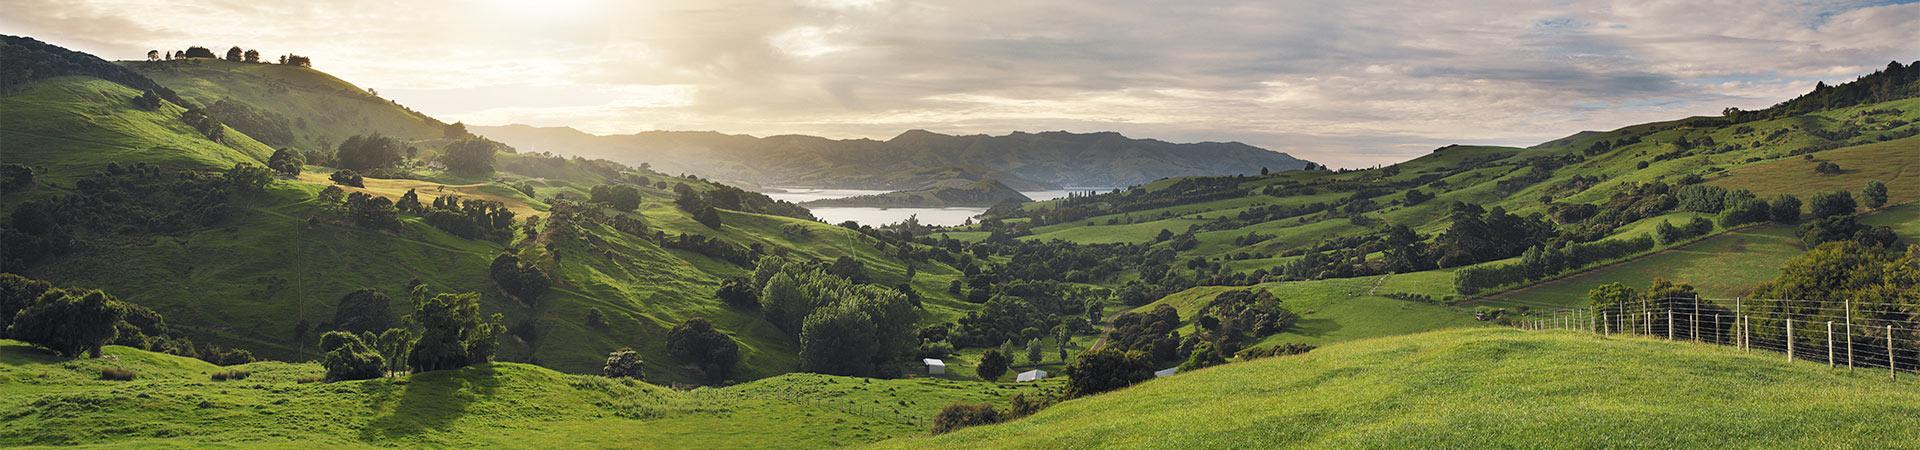 Neuseelandhirsch